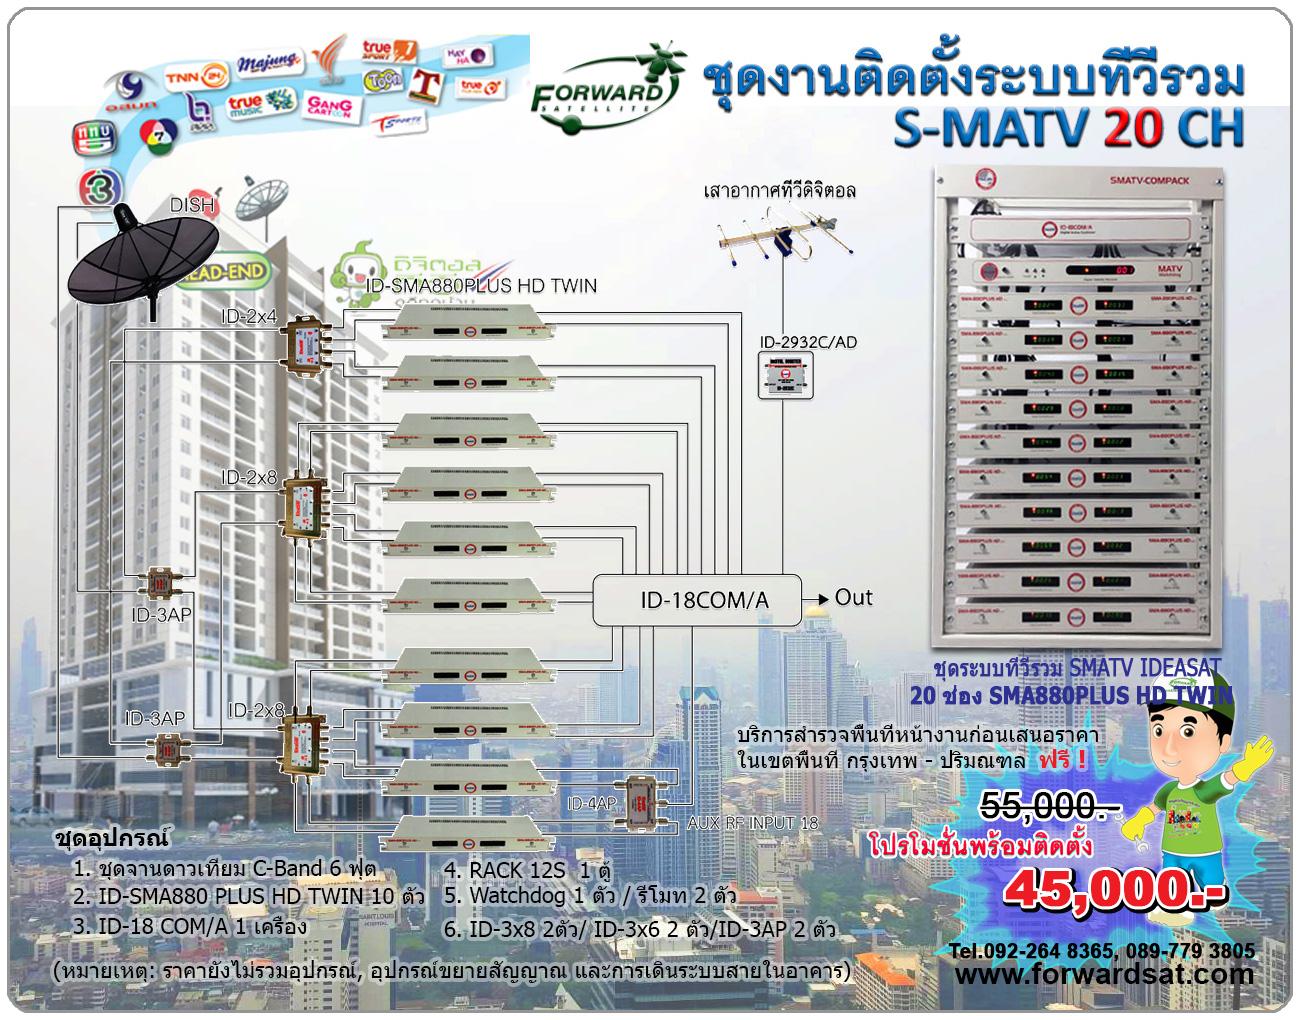 ชุดงานระบบทีวีรวม MATV IDEASAT 20 ช่อง ID-SMA 880 Plus HD TWIN 20 ช่อง